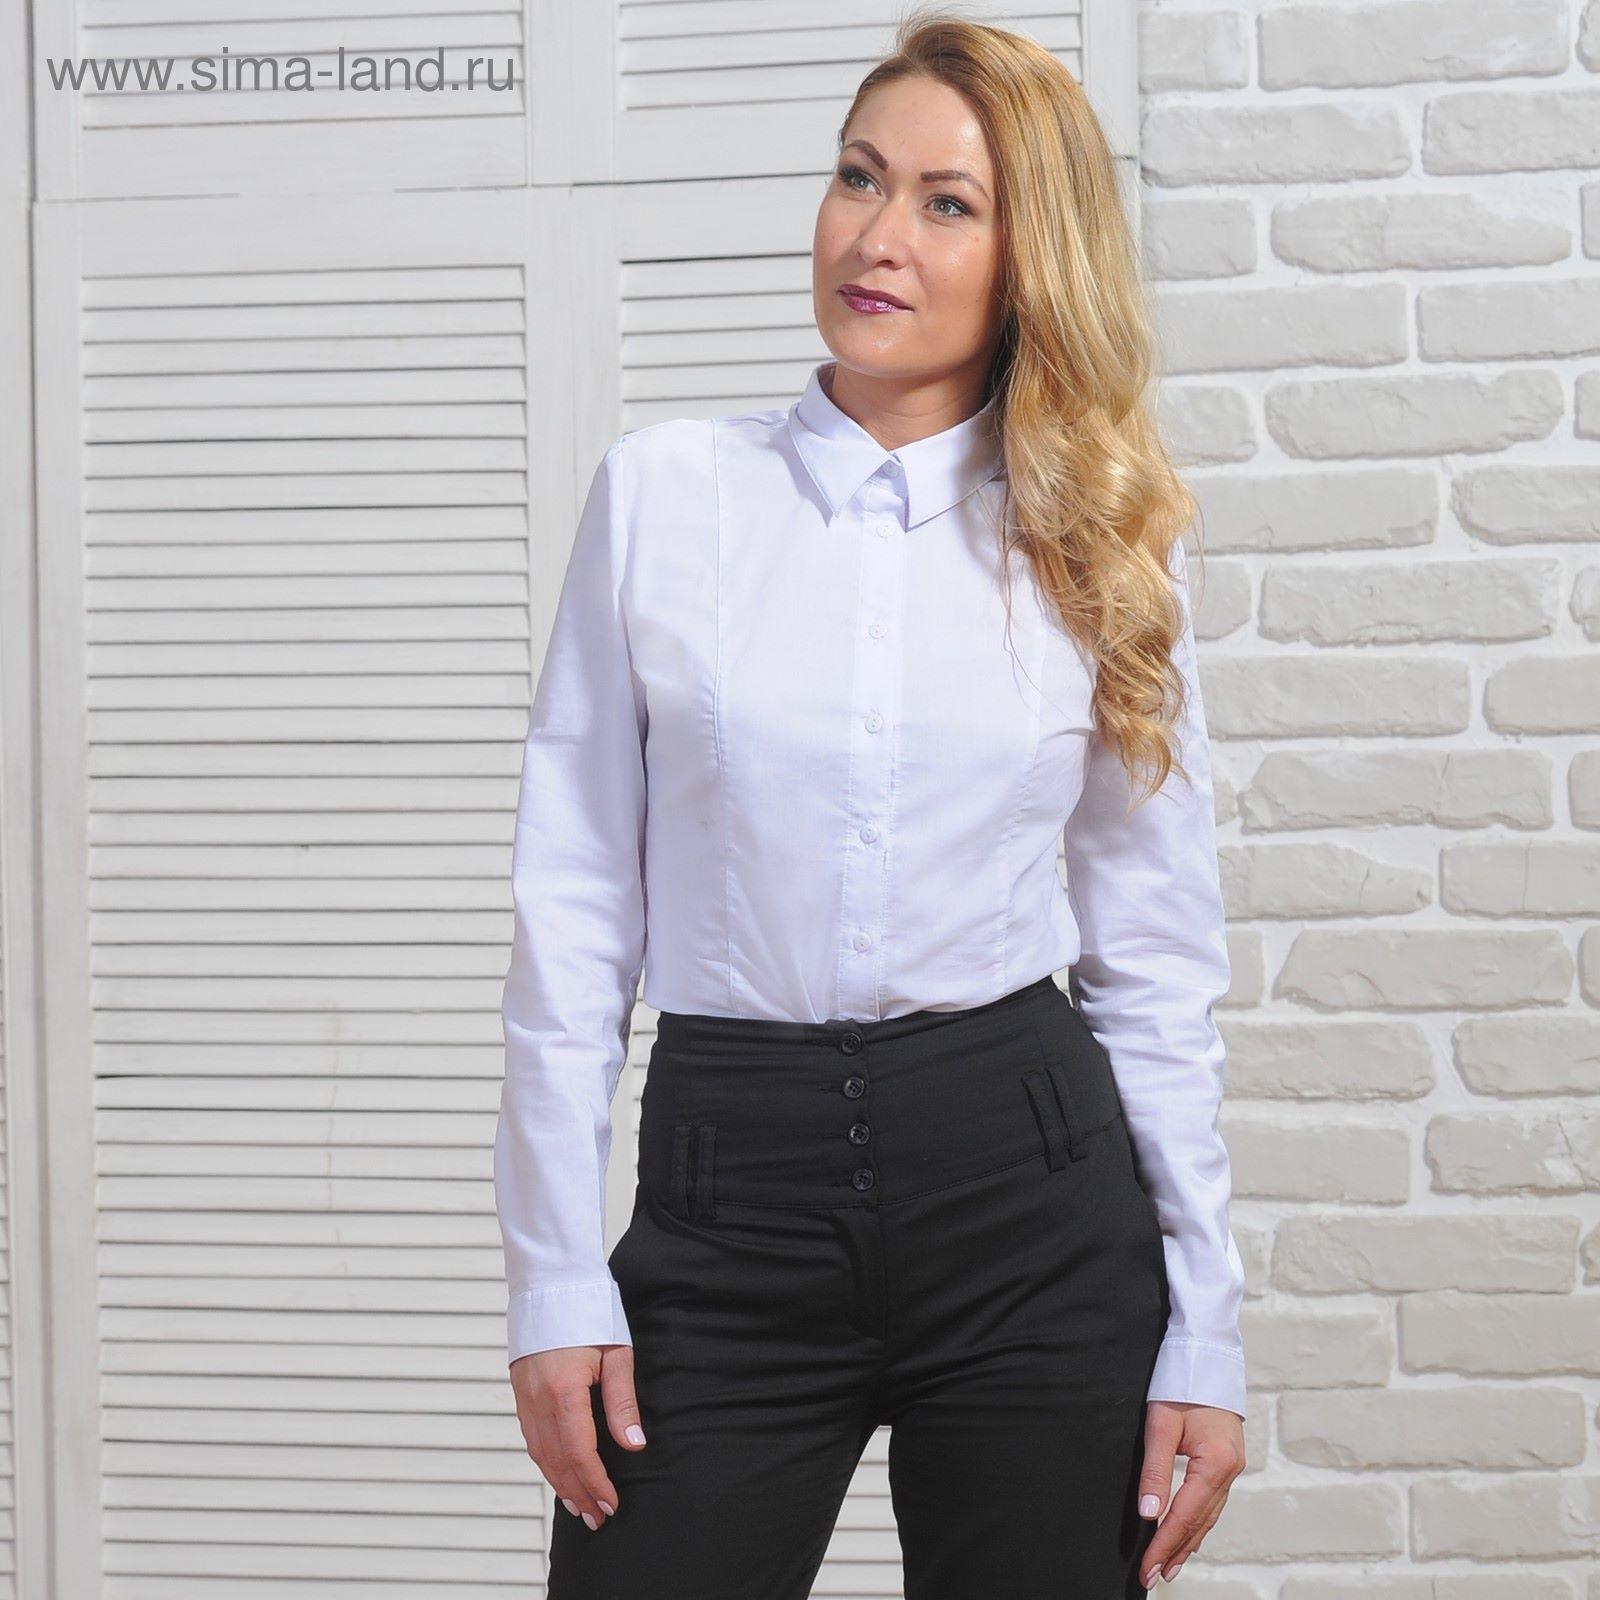 9ffb420fd7d0 Рубашка женская классическая, размер 56, рост 164 см, цвет белый ...